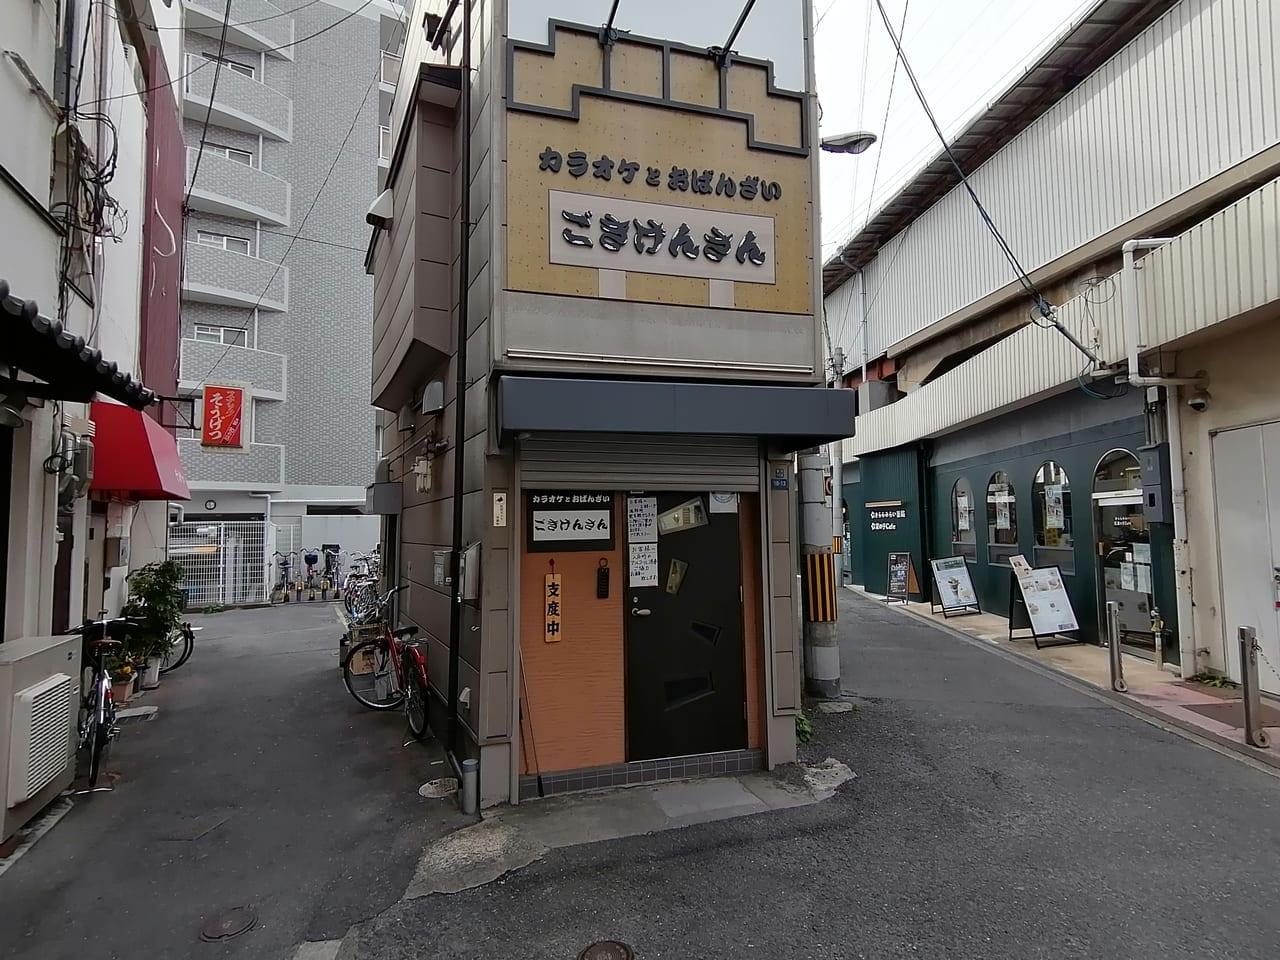 大阪市旭区 千林 おばんざいさん シェアプラン 御茂家 出汁巻きサンド 定食 2021年2月16日